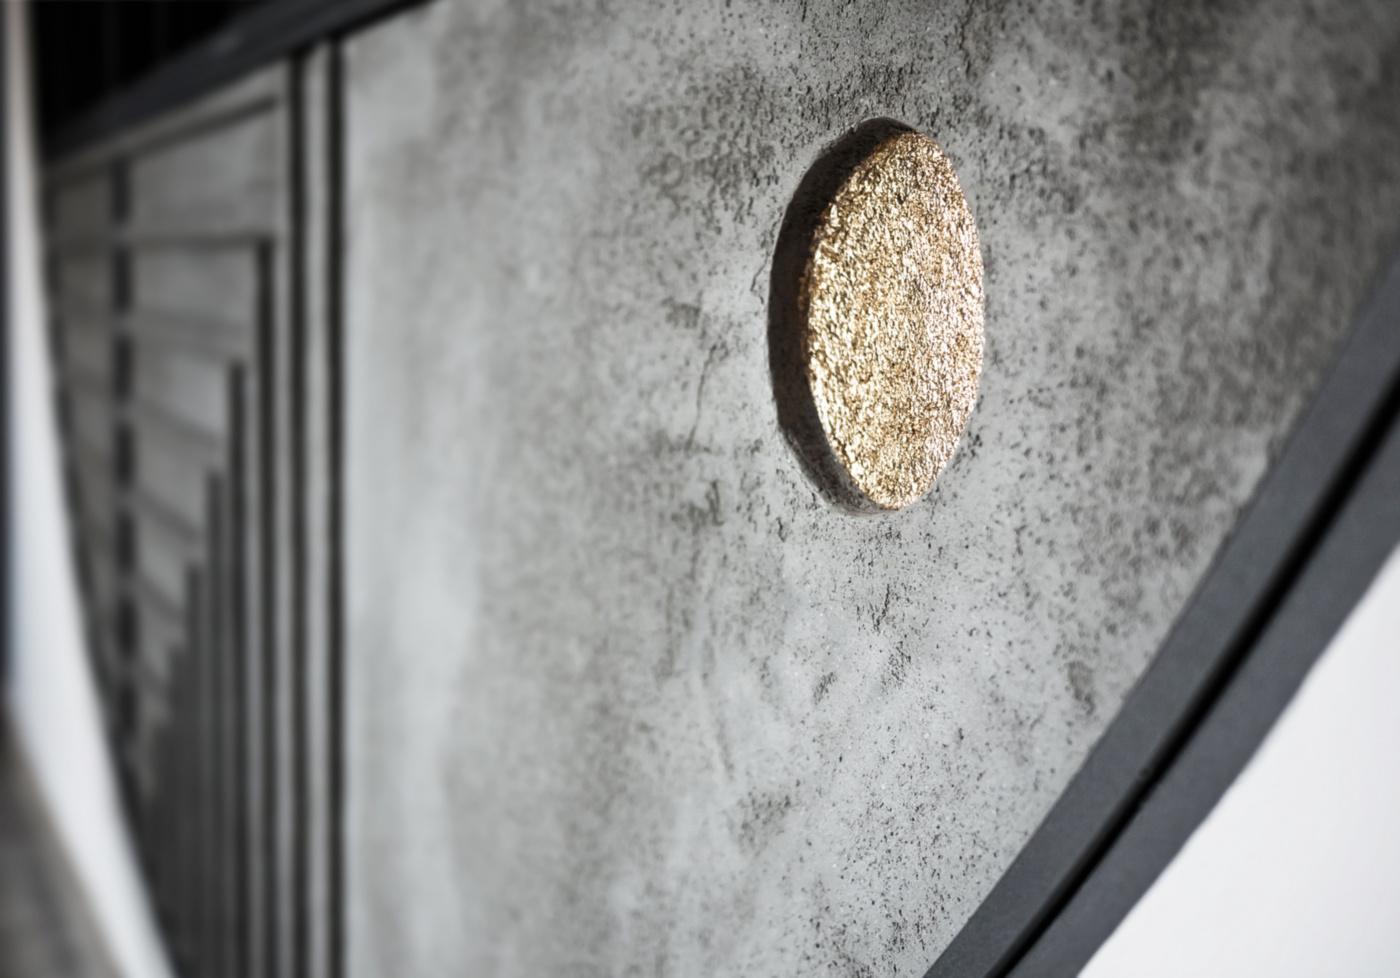 Trasformare una vetrata interna in un piccolo gioiello di interior design. L'oculo in foglia d'oro, incastonato nel calcestruzzo | Bottega di Architettura